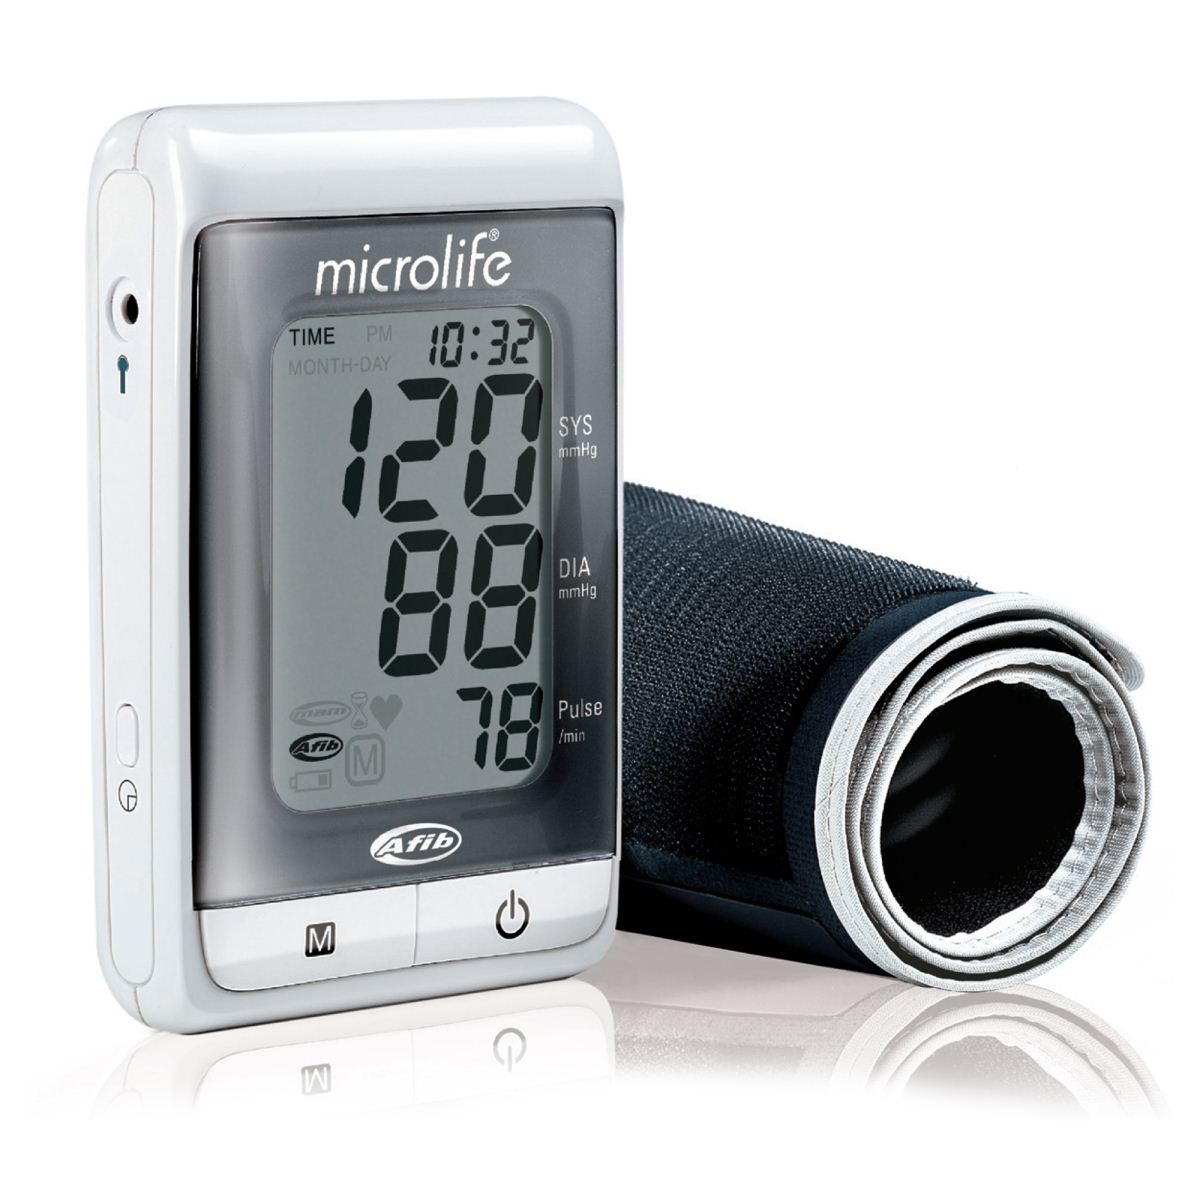 Máy đo huyết áp Microlife BP A200 - Tầm soát rung nhĩ - Chính Hãng